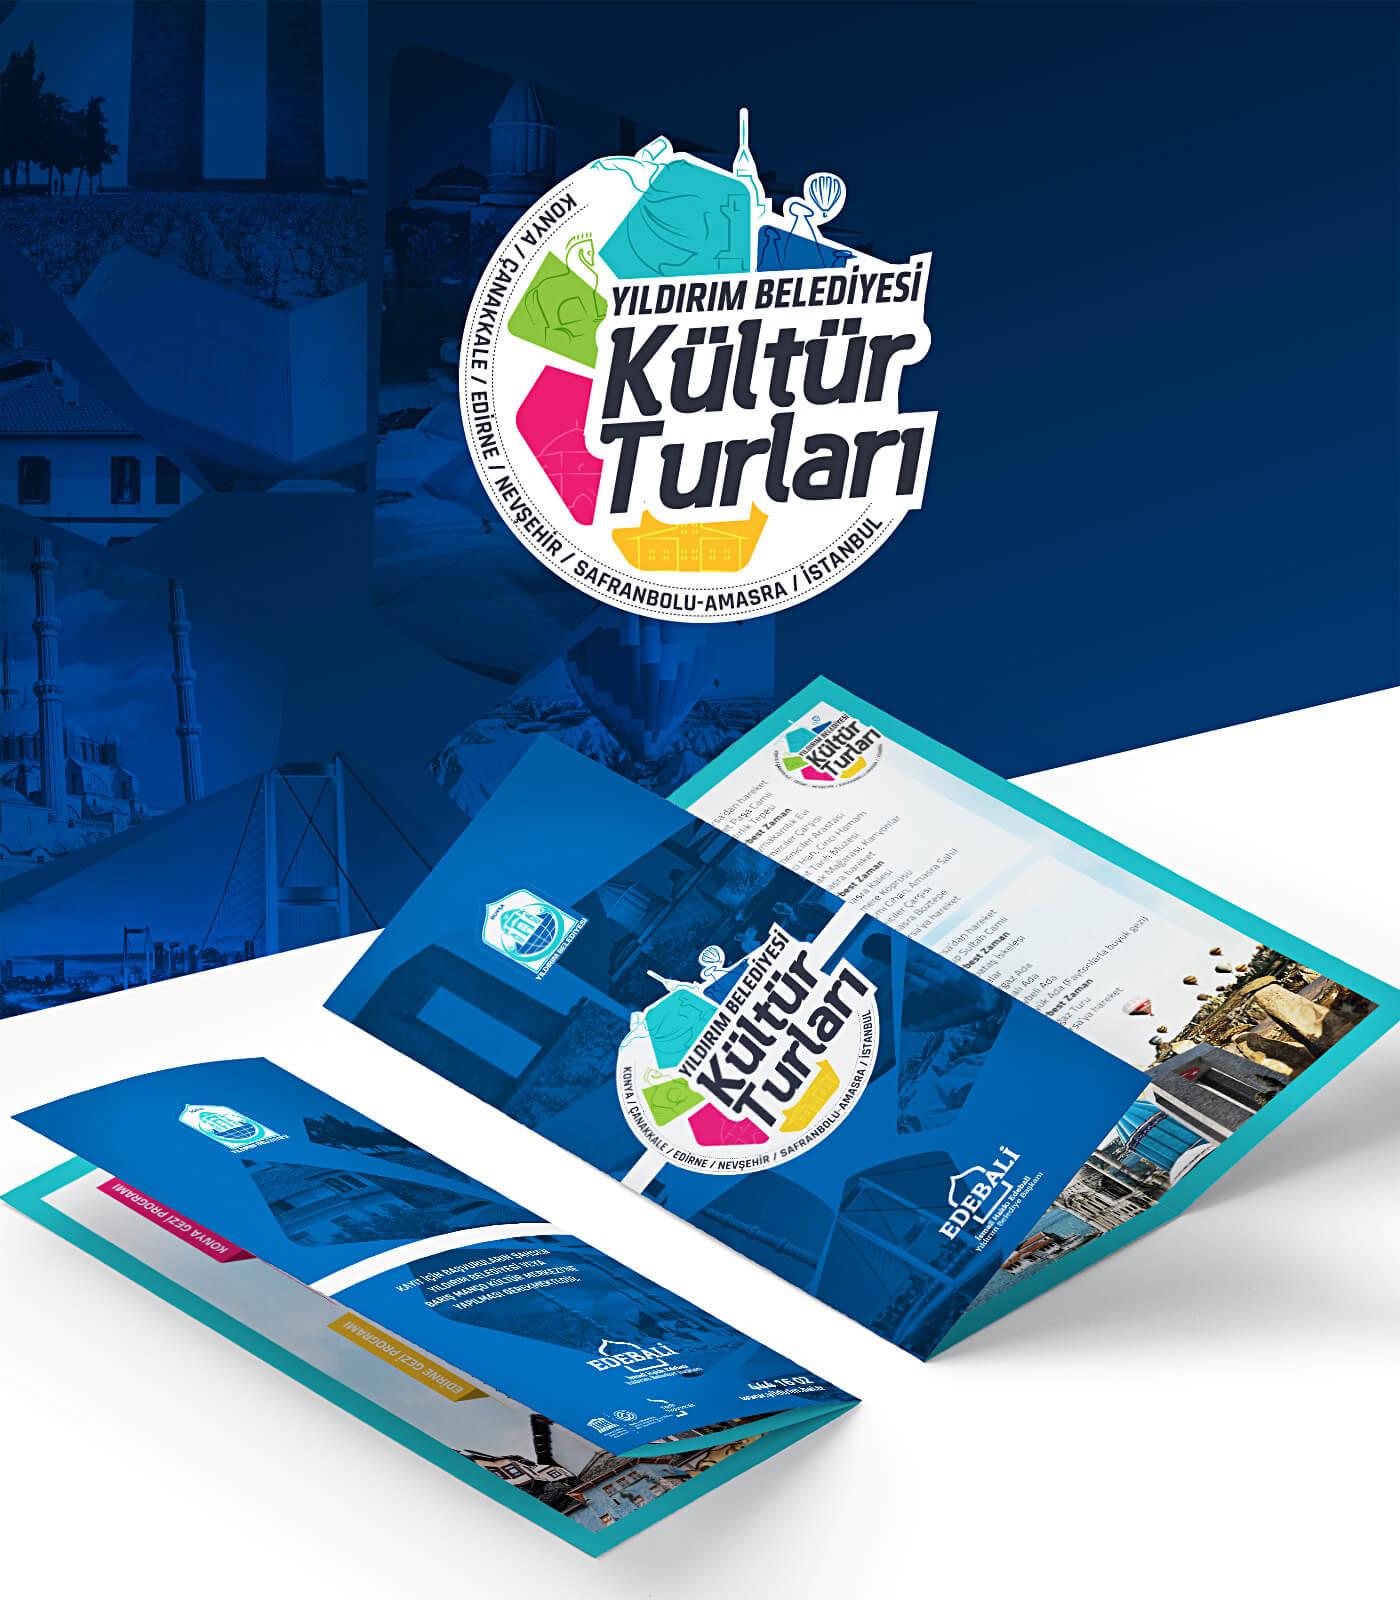 kültür turları, broşür tasarım, logo tasarım